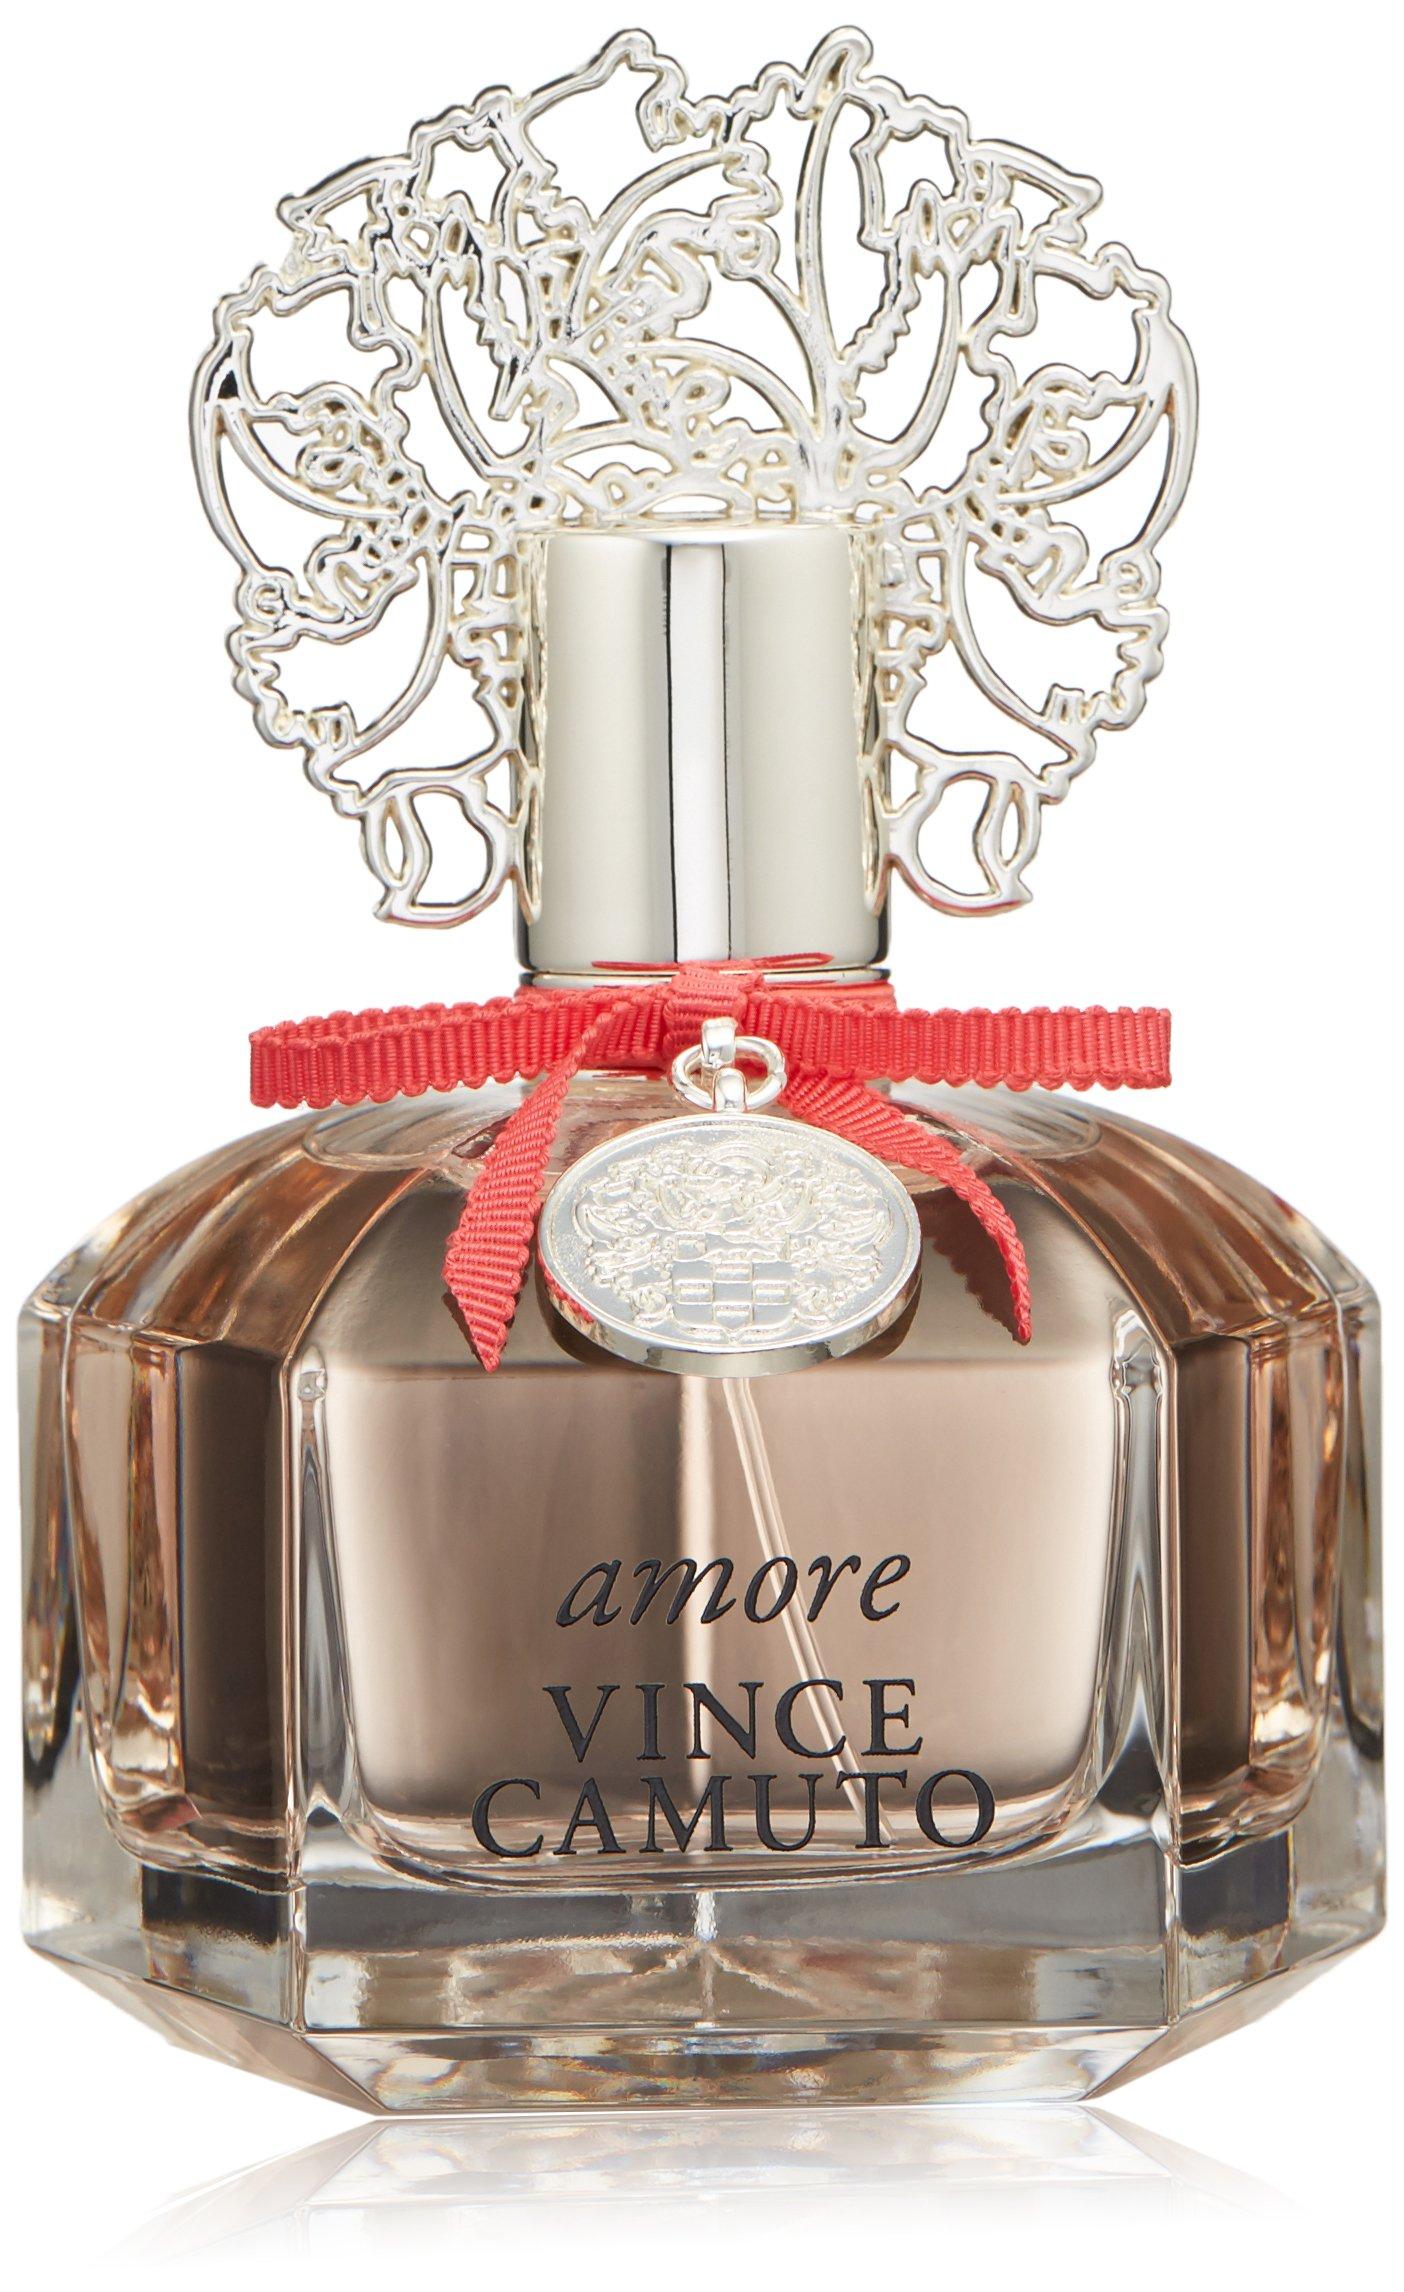 Amazoncom Vince Camuto Amore Eau De Parfum Spray 34 Fl Oz Vince